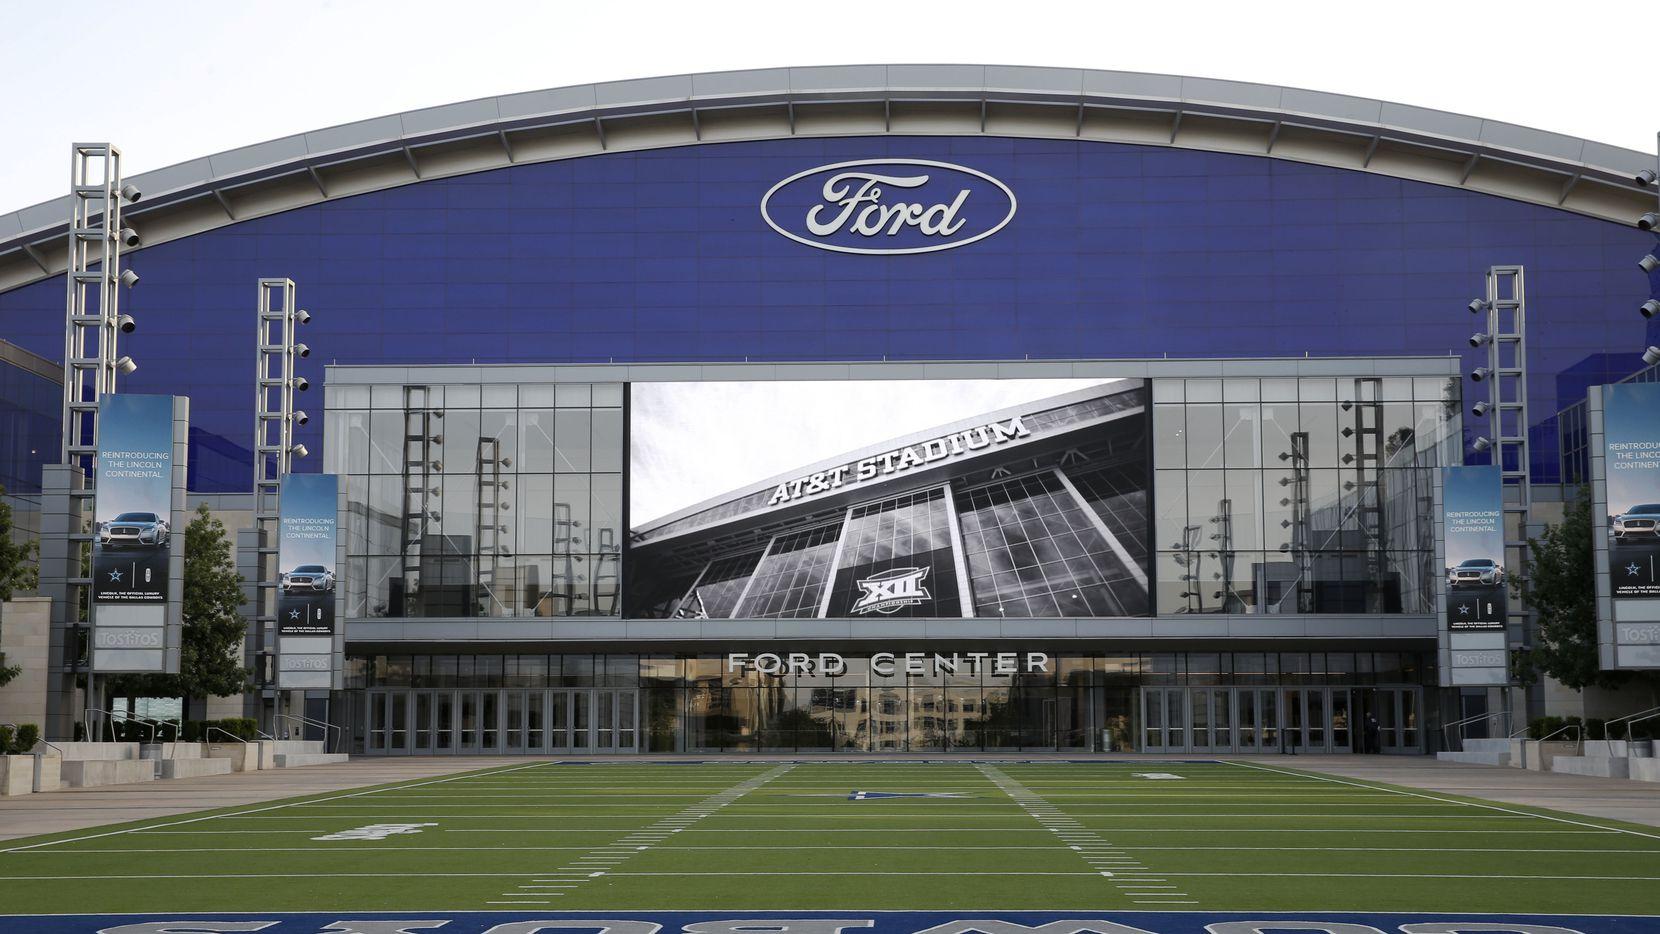 La pantalla gigante del Tostitos Championship Plaza pasará el juego de Dallas Cowboys vs. Washington Redskins, el domingo.